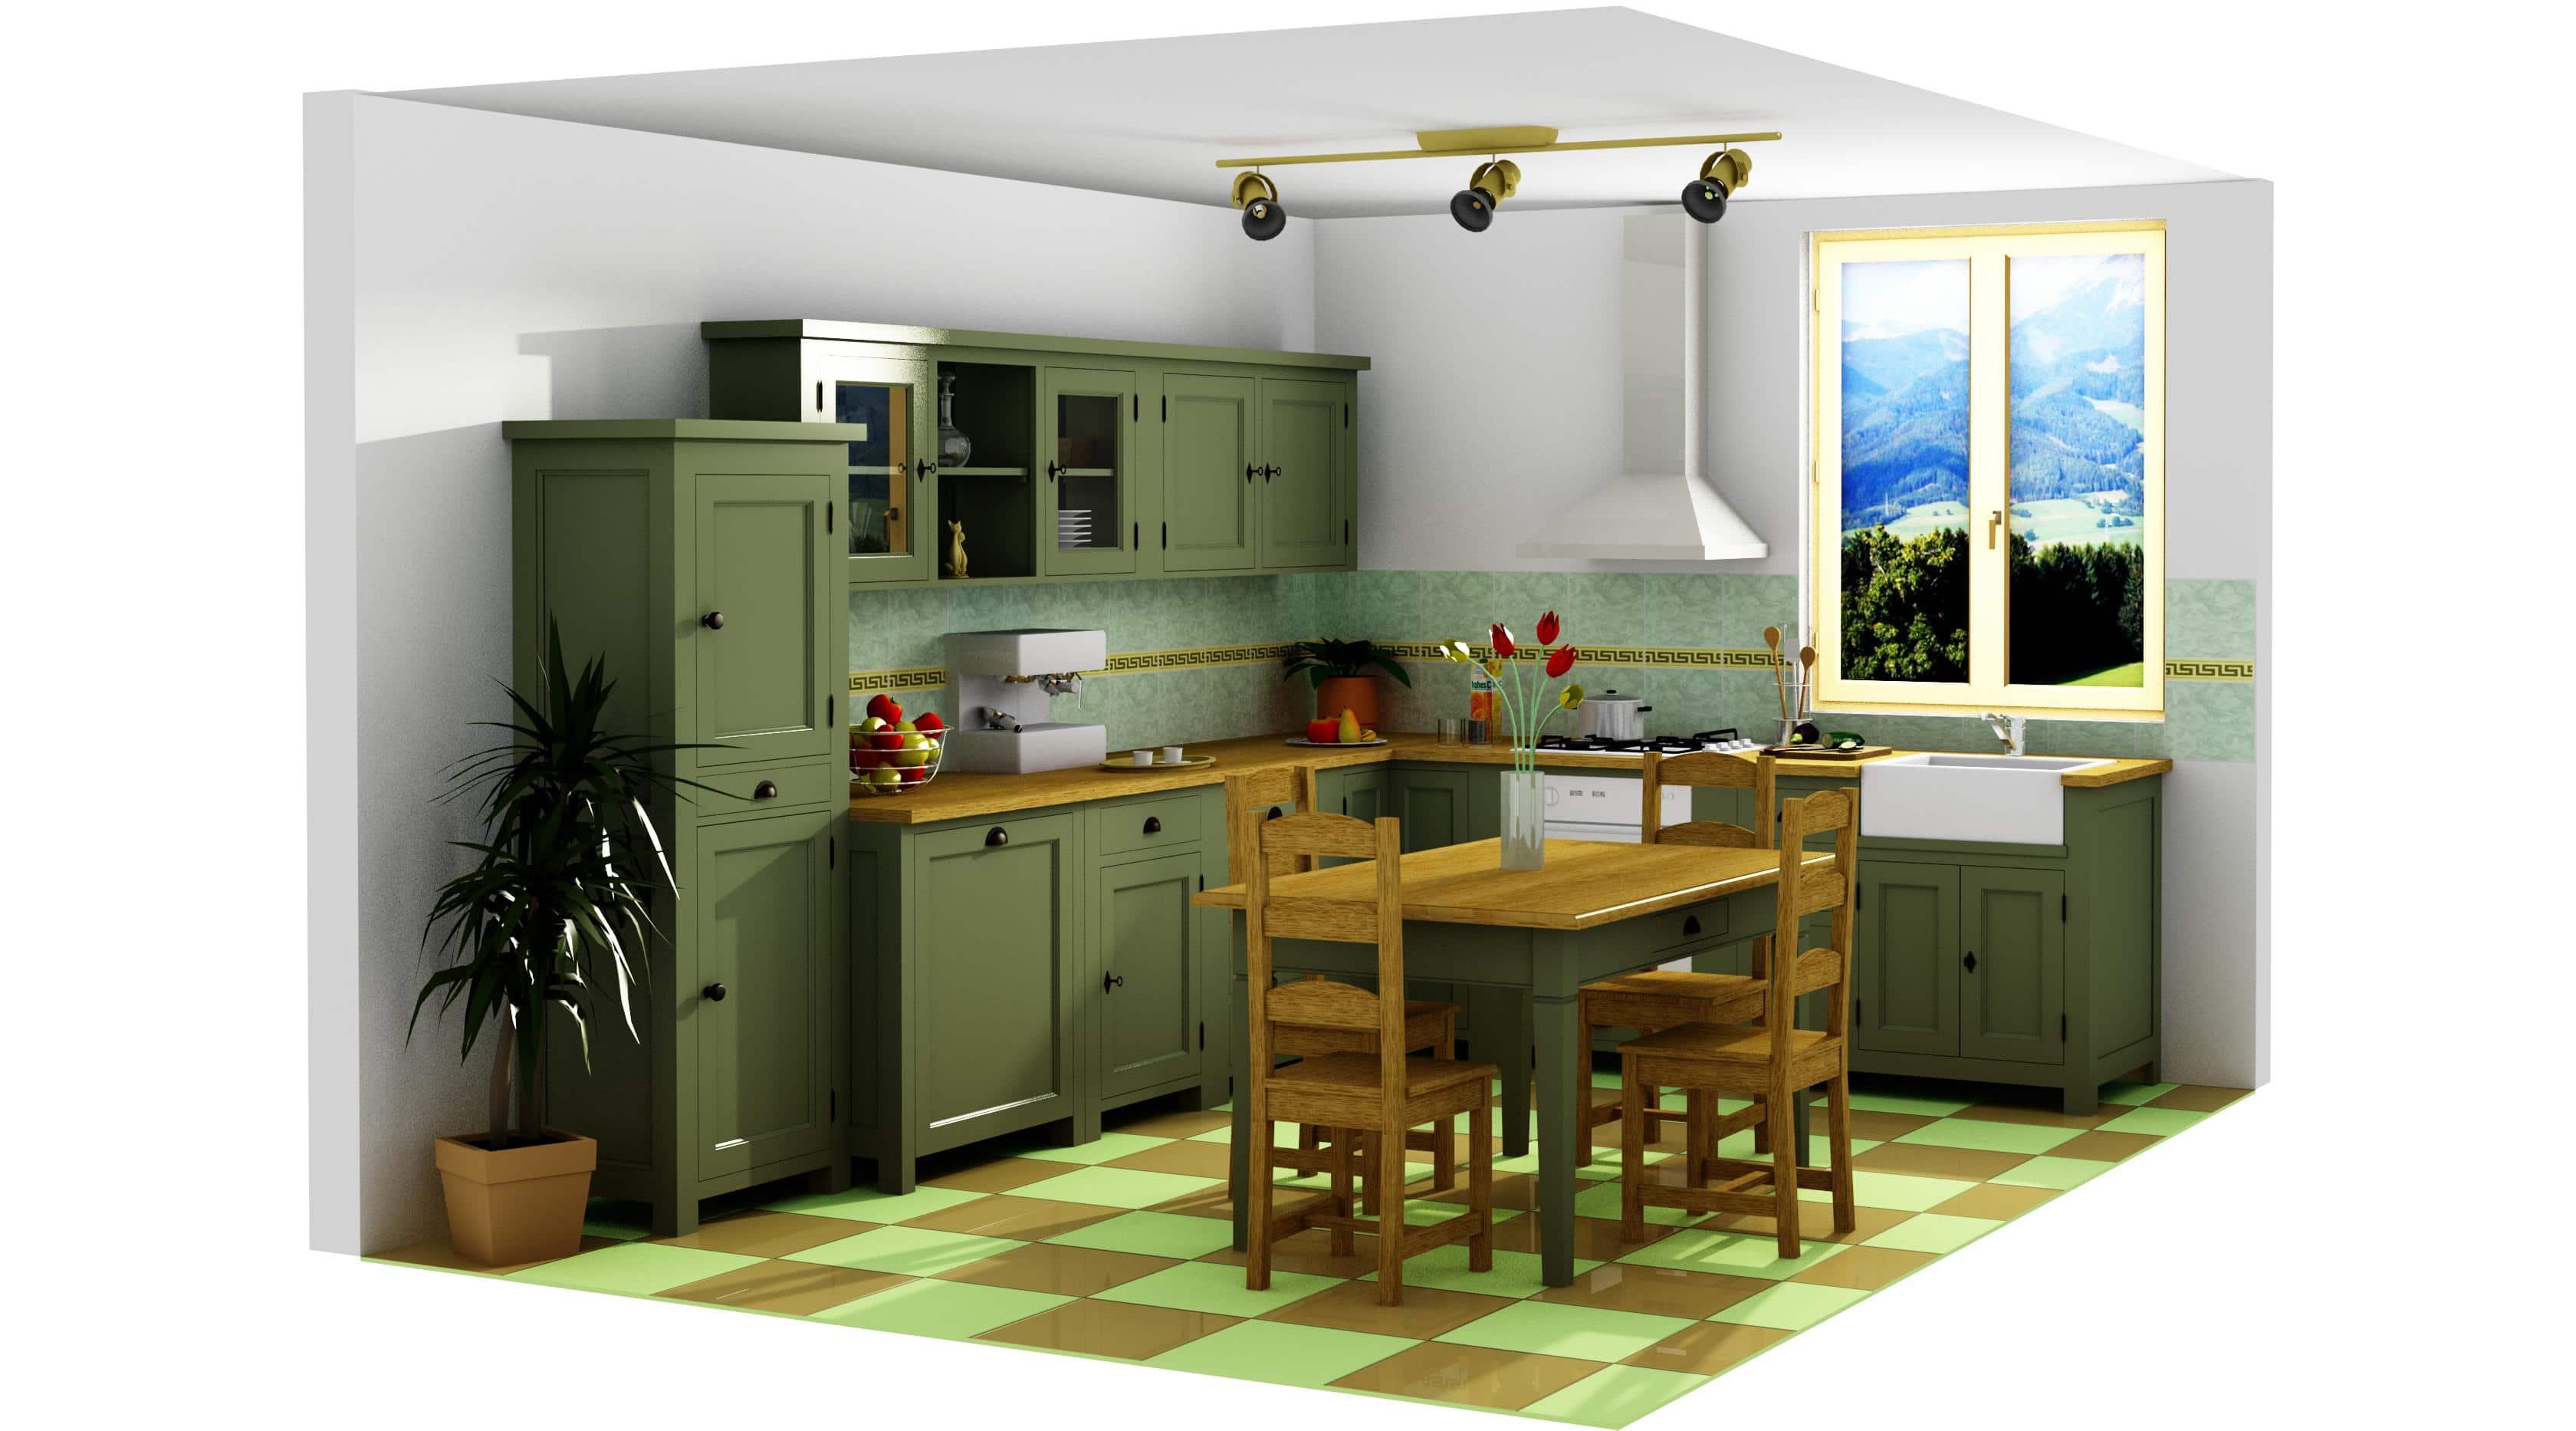 Projet 3d de cuisine compl te avec table manger le for Projet de cuisine en 3d